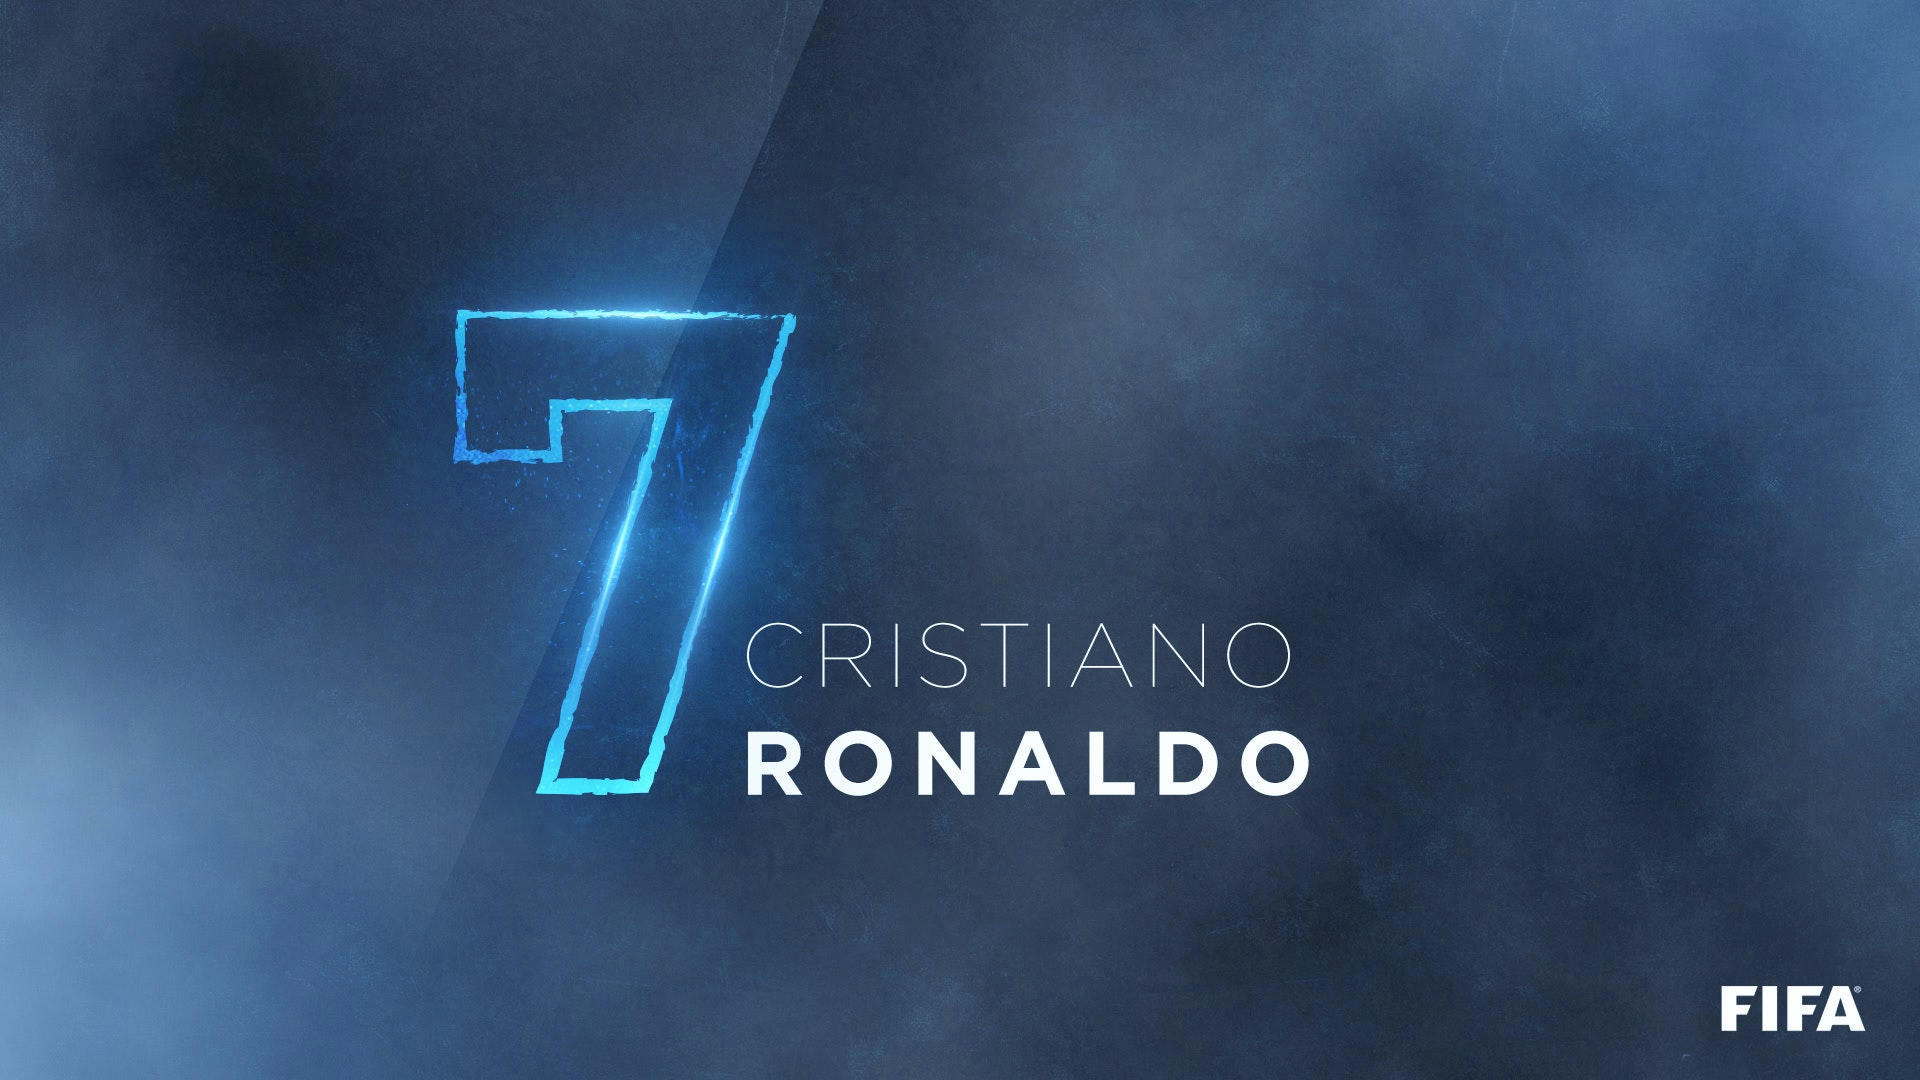 Kostenloses Foto Zum Thema 7 Cr7 Cristianoronaldo